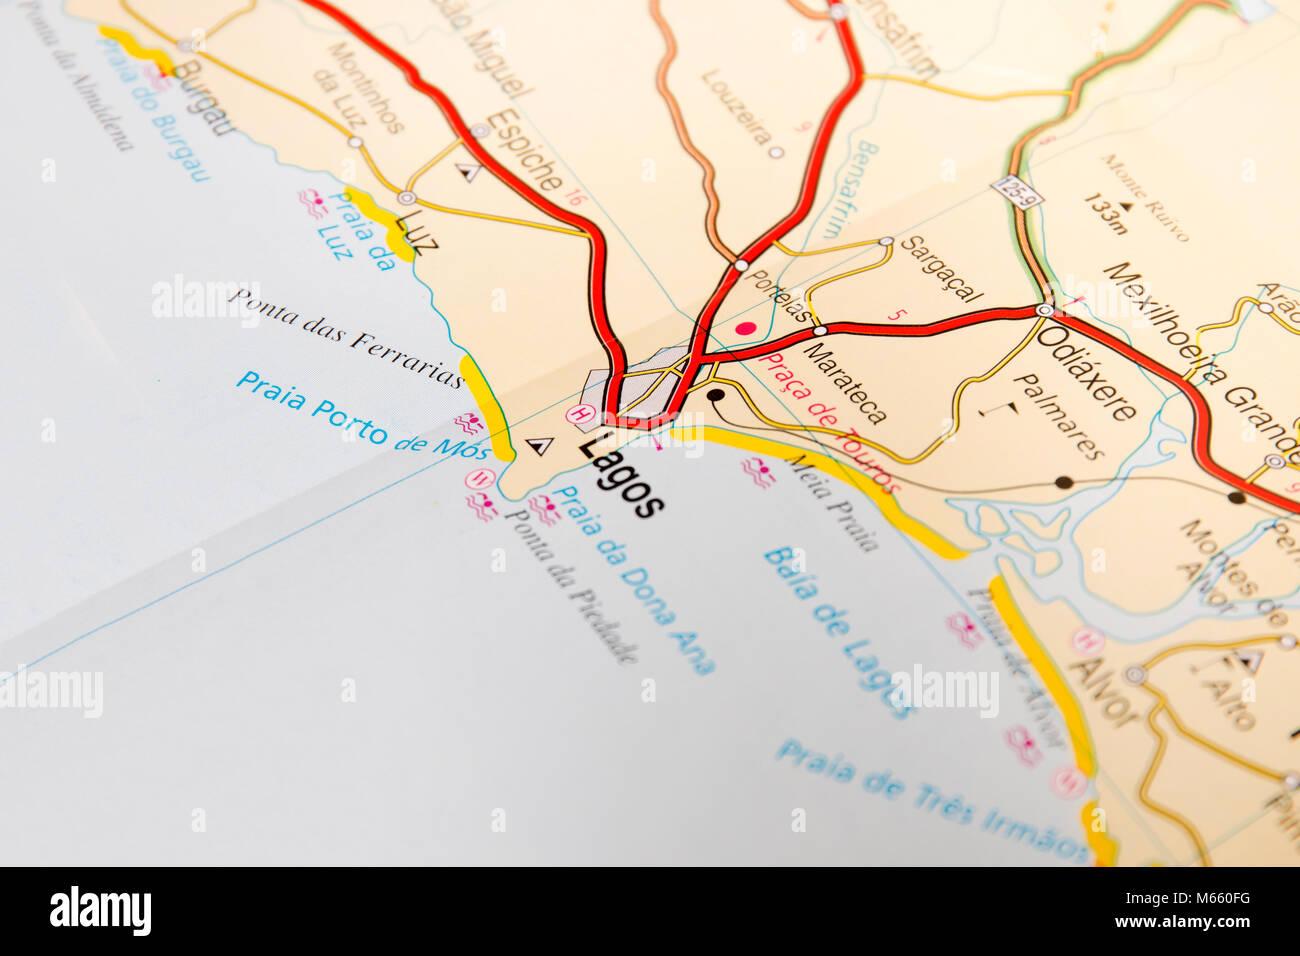 Cartina Geografica Algarve.In Prossimita Della Strada Dettaglio Mappa Della Citta Di Lagos In Algarve Portogallo Foto Stock Alamy